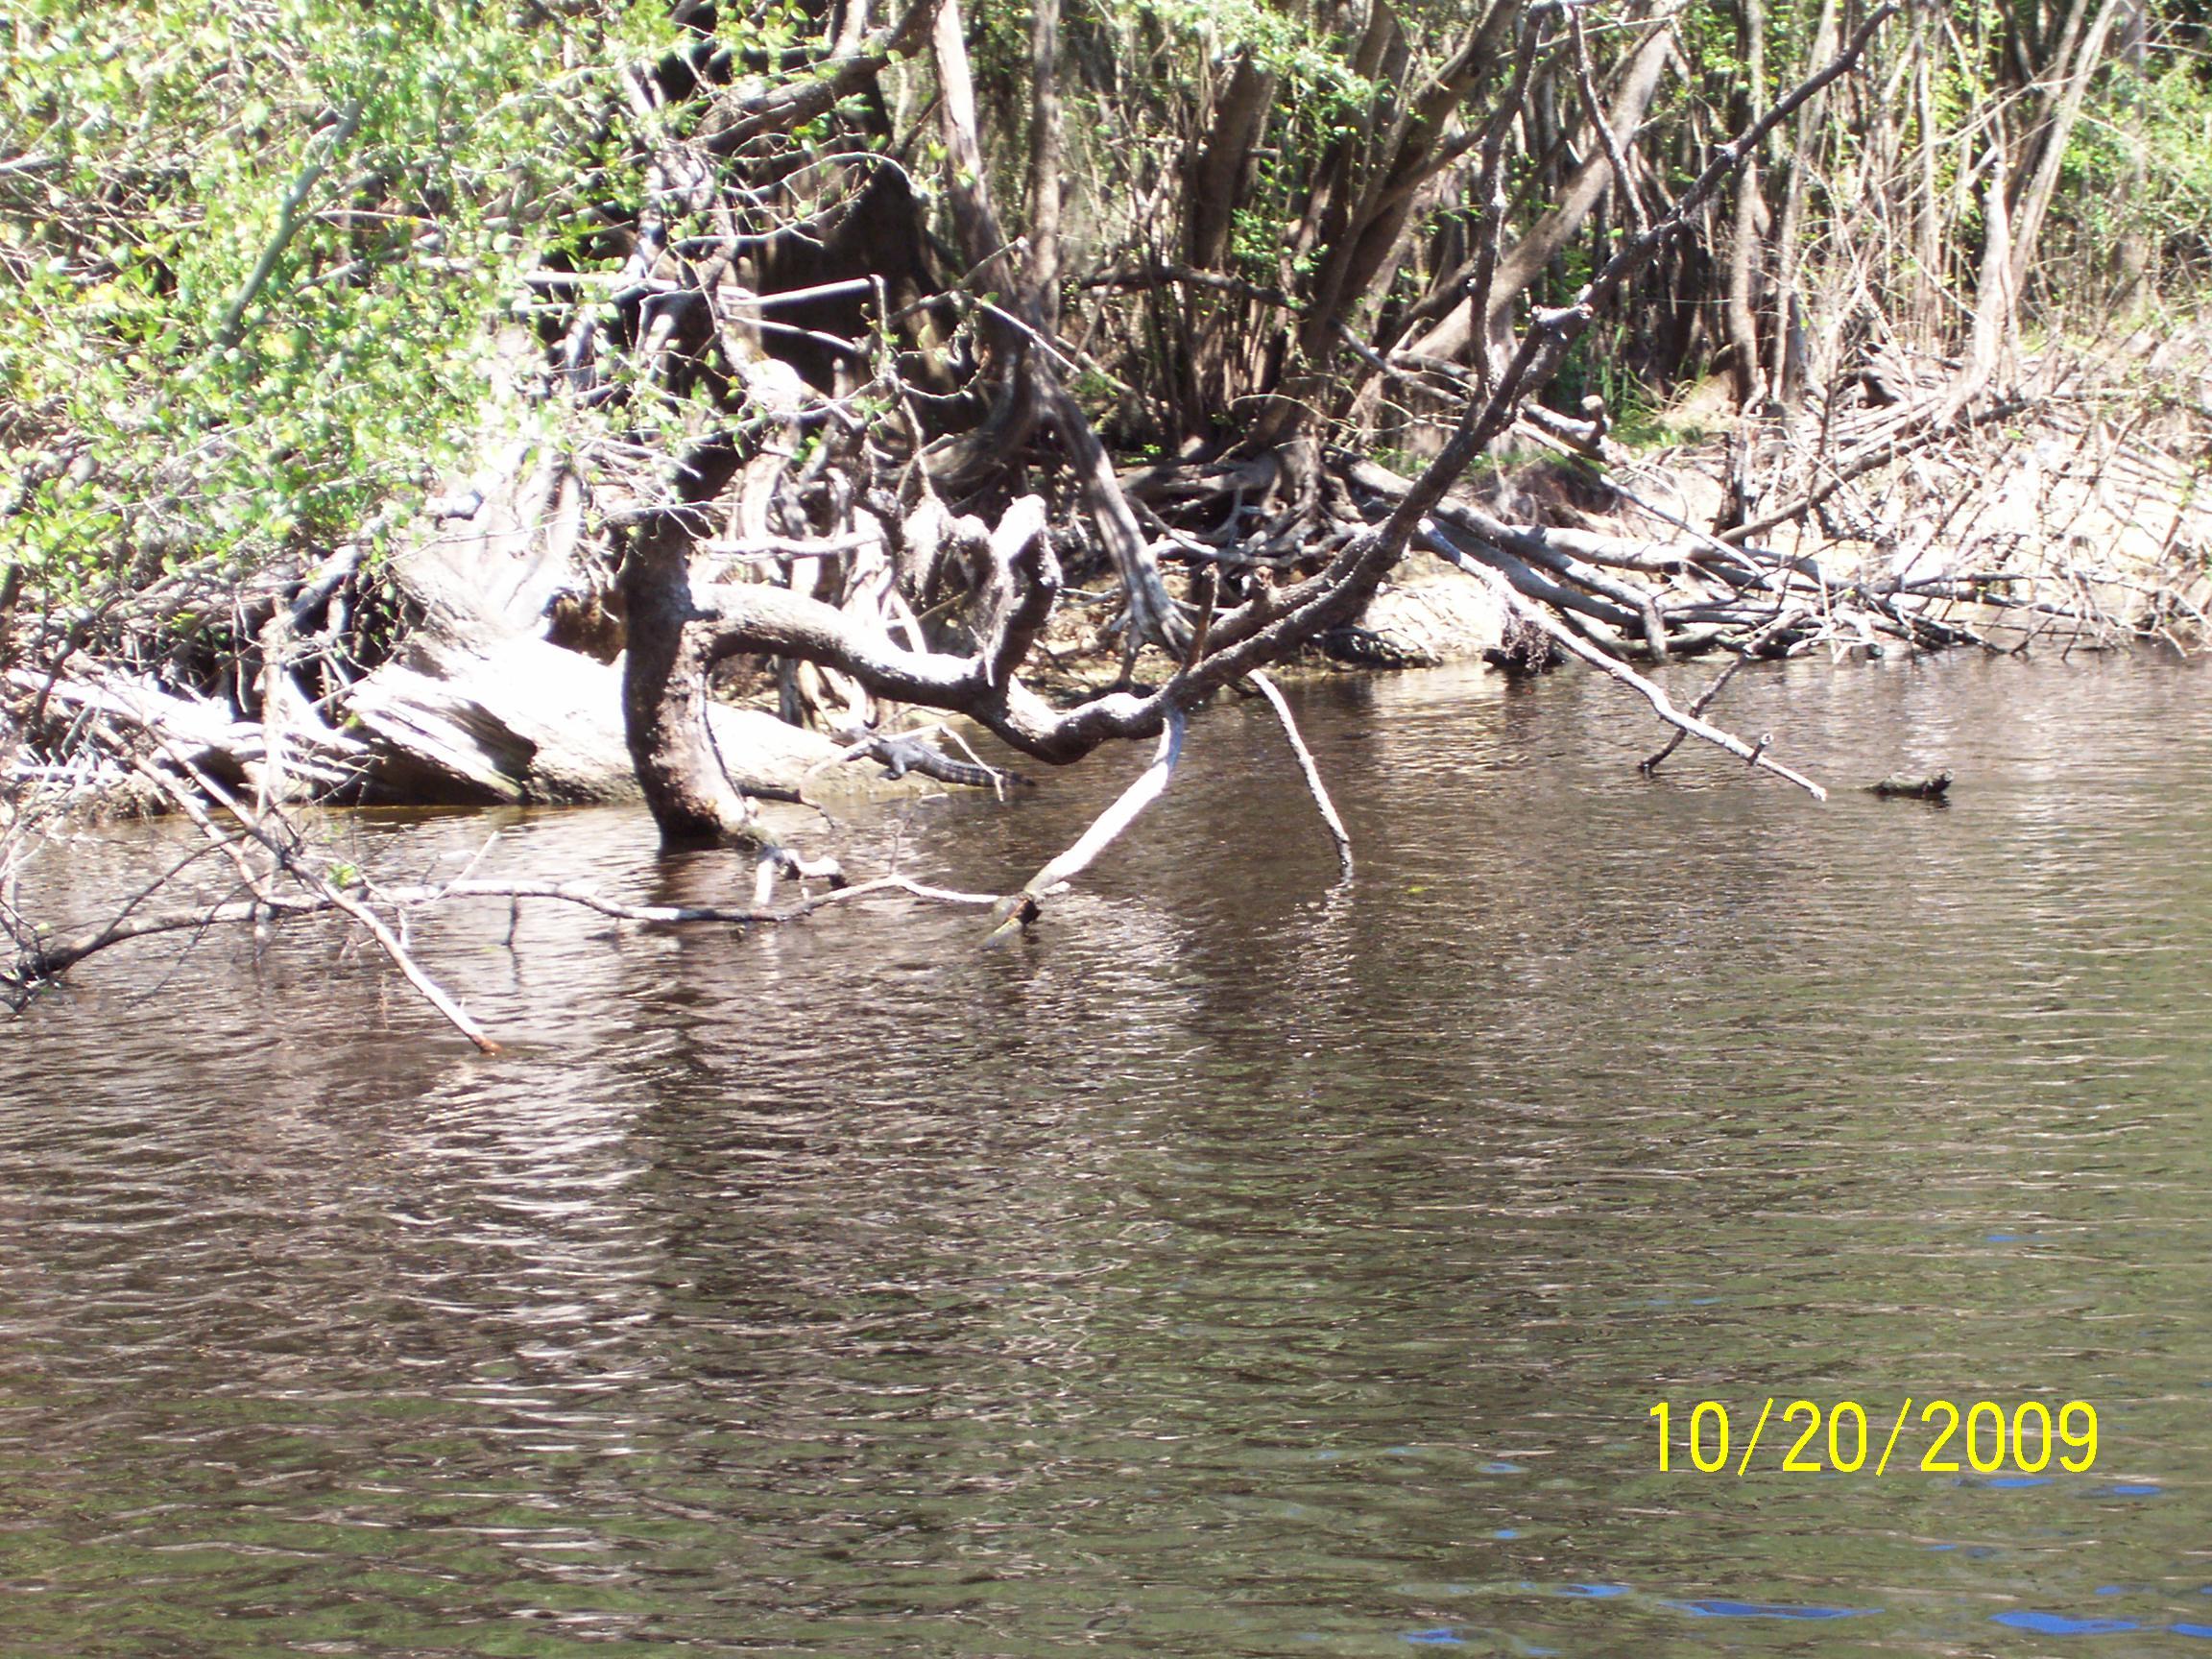 Wekiva/St. Johns River Ramble